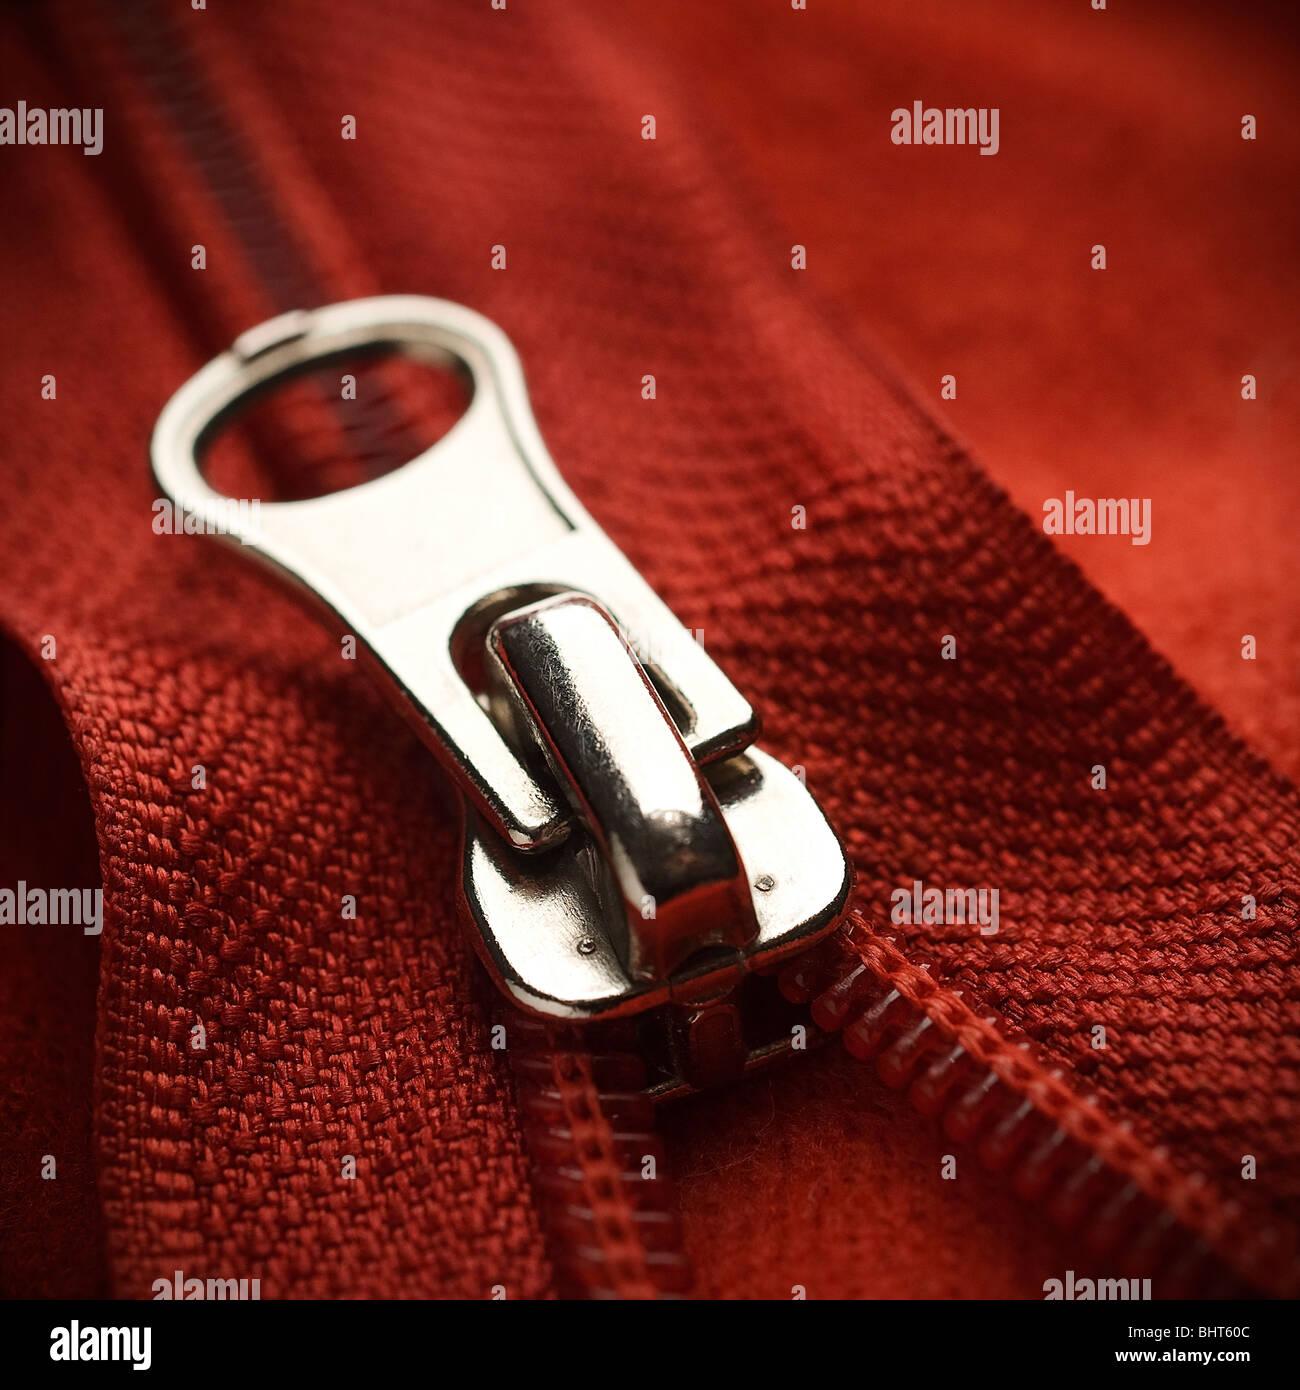 Libre d'une fermeture éclair rouge Photo Stock